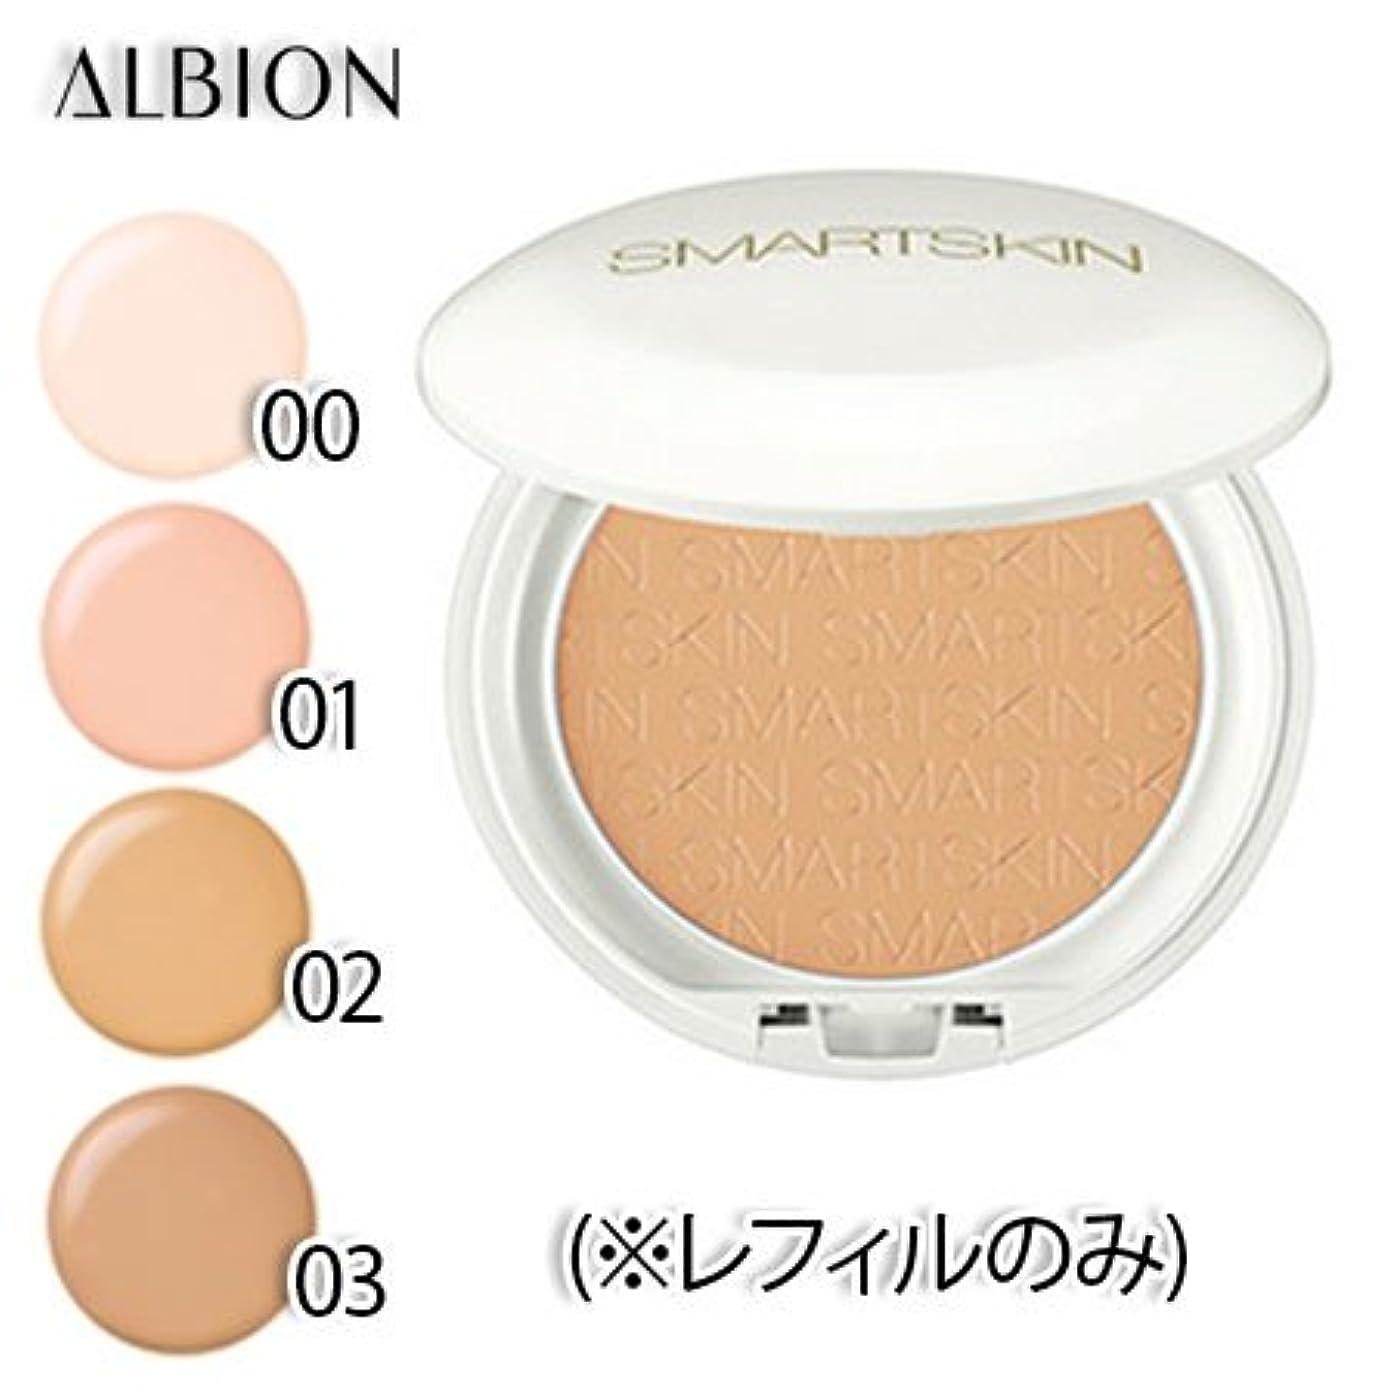 待って酸化するふけるアルビオン スマートスキン ホワイトレア 全4色 (レフィルのみ) SPF40 PA++++ 10g -ALBION- 03